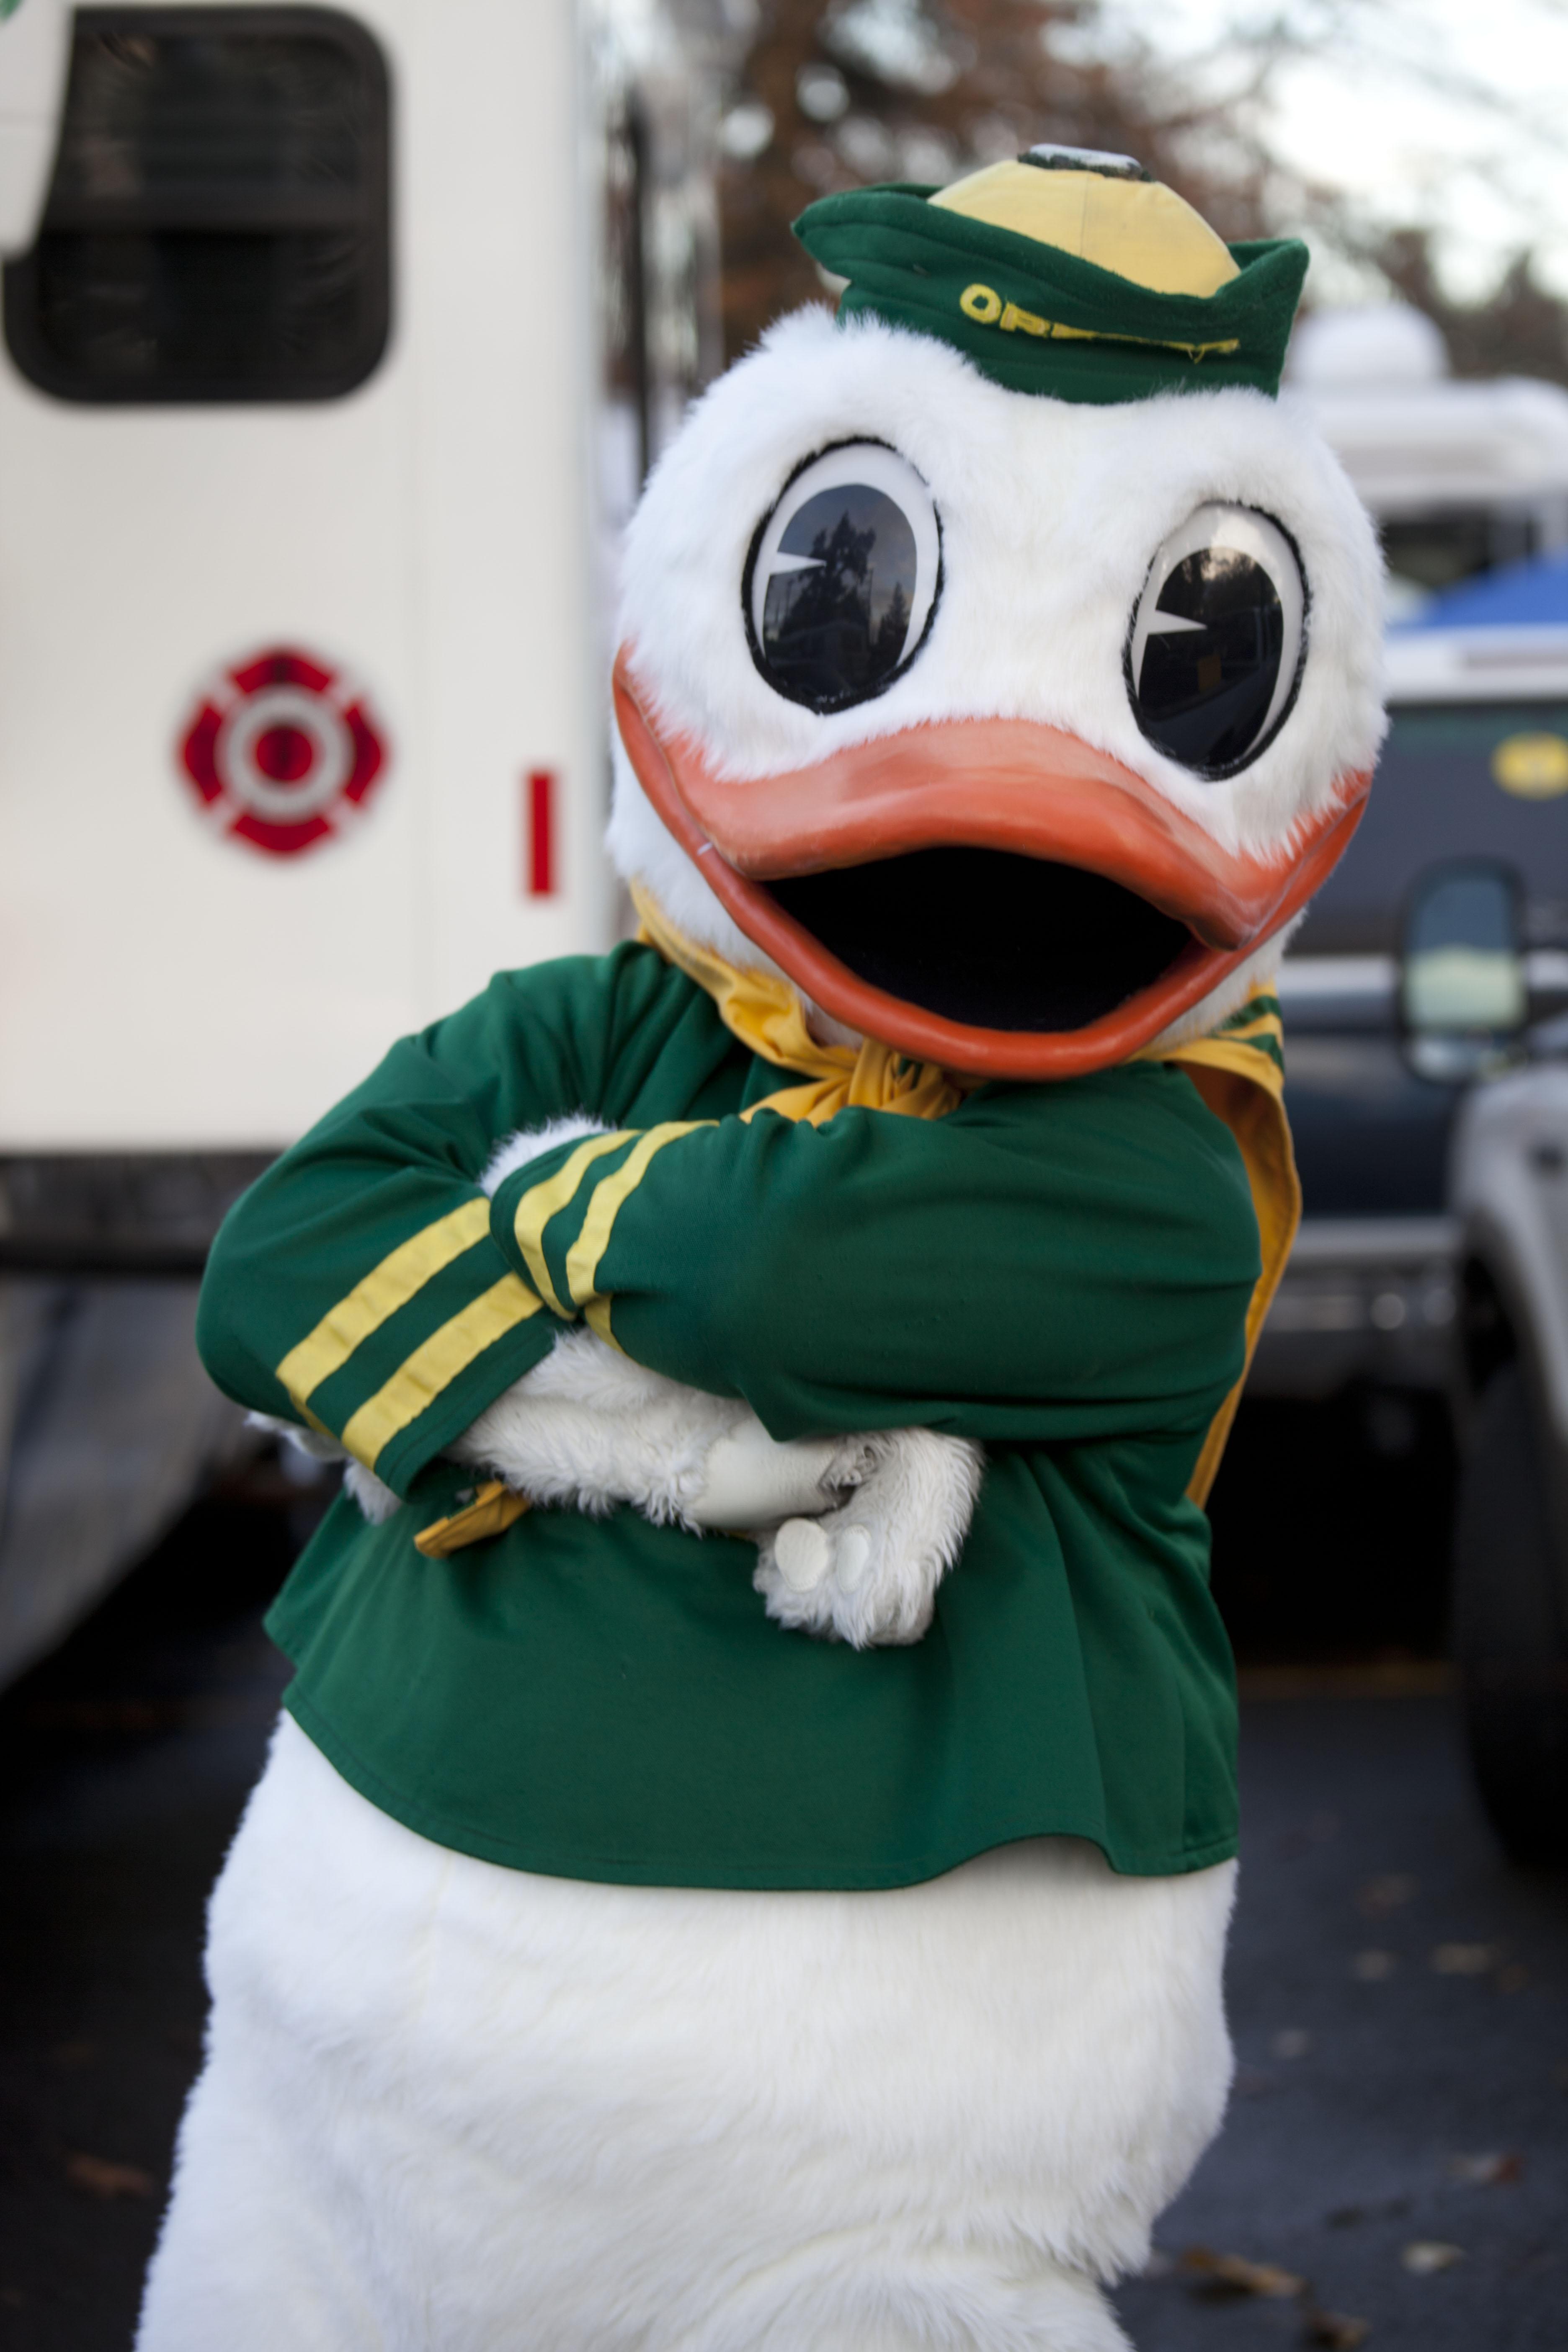 buy online d9de3 9a8b0 The Oregon Duck - Wikipedia